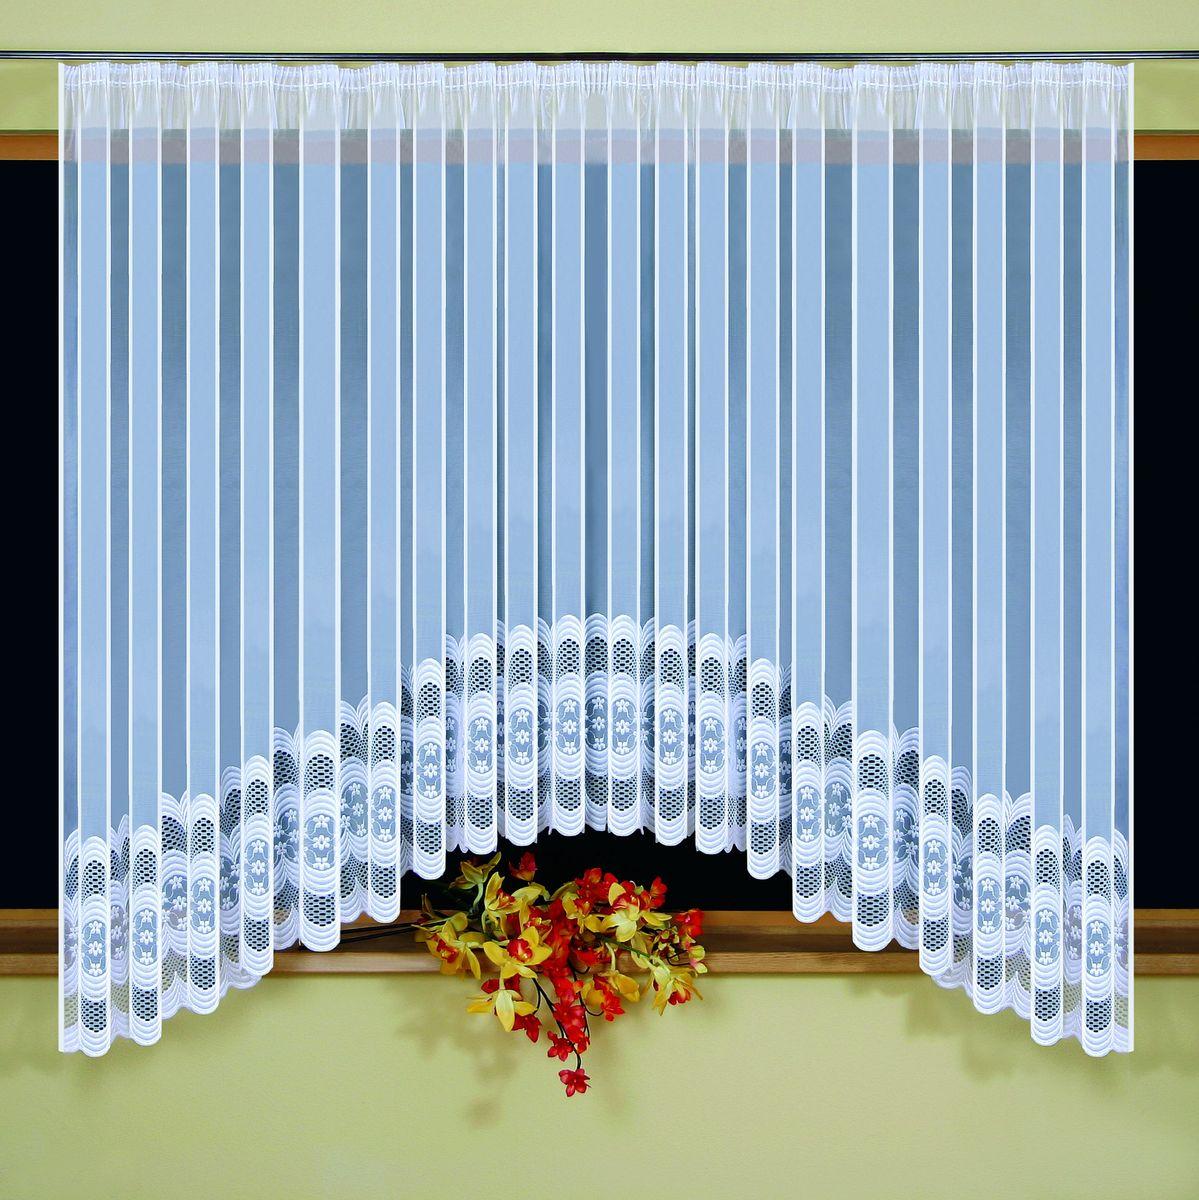 Гардина Wisan Monika, на ленте, цвет: белый, высота 160 см5296Гардина Wisan Monika изготовлена из белого полиэстера, легкой, тонкой ткани. Изделие украшено изящным орнаментом. Тонкое плетение и оригинальный дизайн привлекут к себе внимание и органично впишутся в интерьер комнаты. Оригинальное оформление гардины внесет разнообразие и подарит заряд положительного настроения.Гардина оснащена шторной лентой для крепления на карниз.